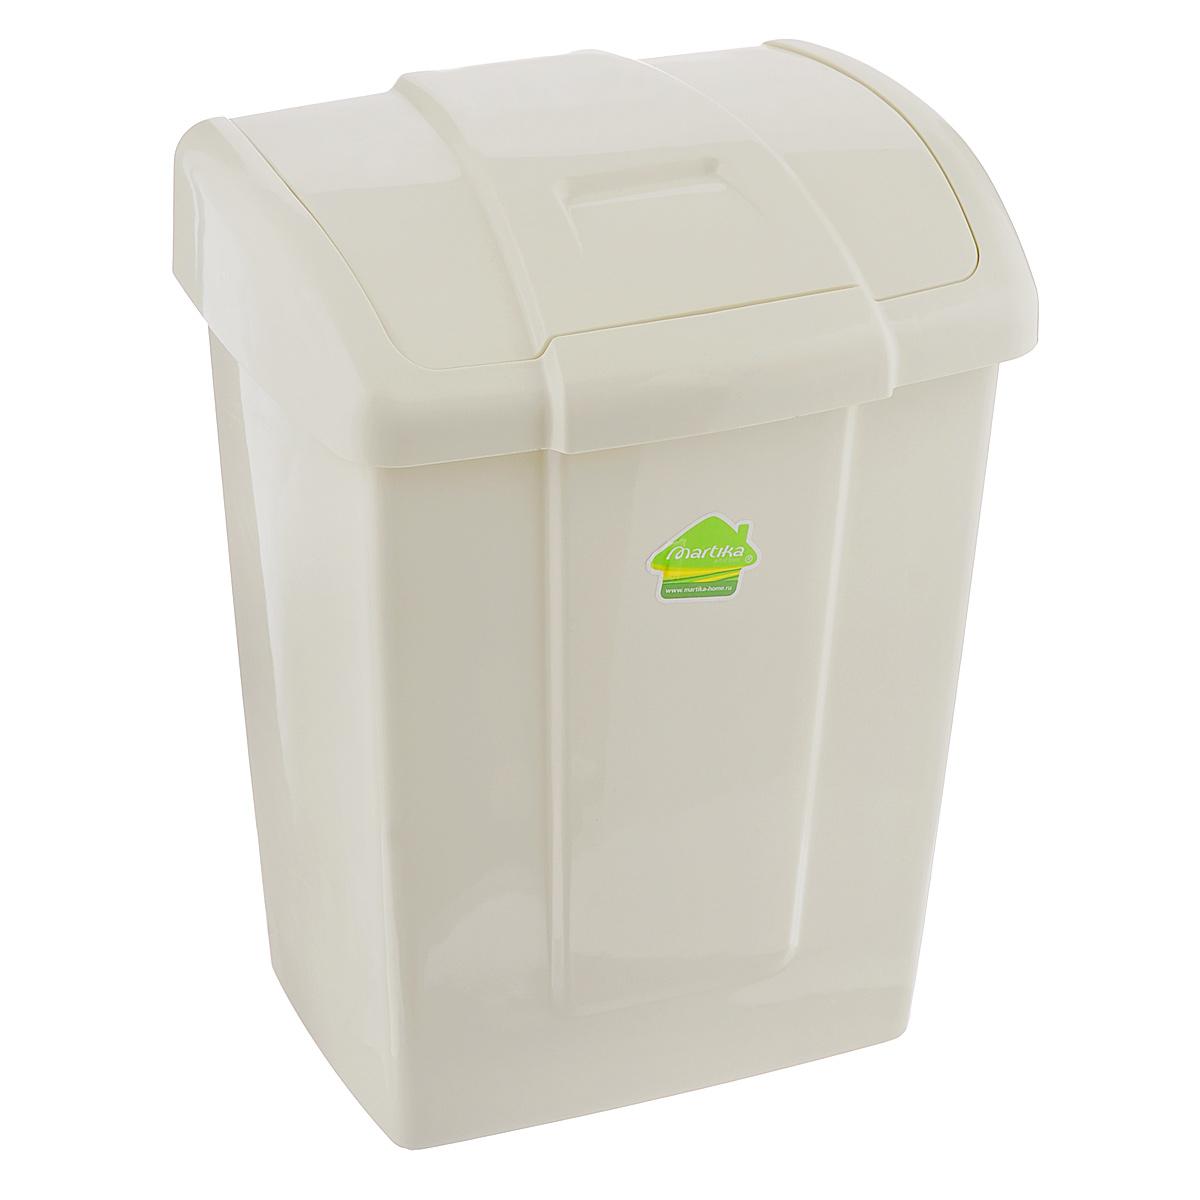 Контейнер для мусора Martika Форте, цвет: светло-бежевый, 9 л12723Контейнер для мусора Martika Форте изготовлен из прочного полипропилена (пластика). Такой аксессуар очень удобен в использовании как дома, так и в офисе. Контейнер снабжен удобной поворачивающейся крышкой. Стильный дизайн сделает его прекрасным украшением интерьера.